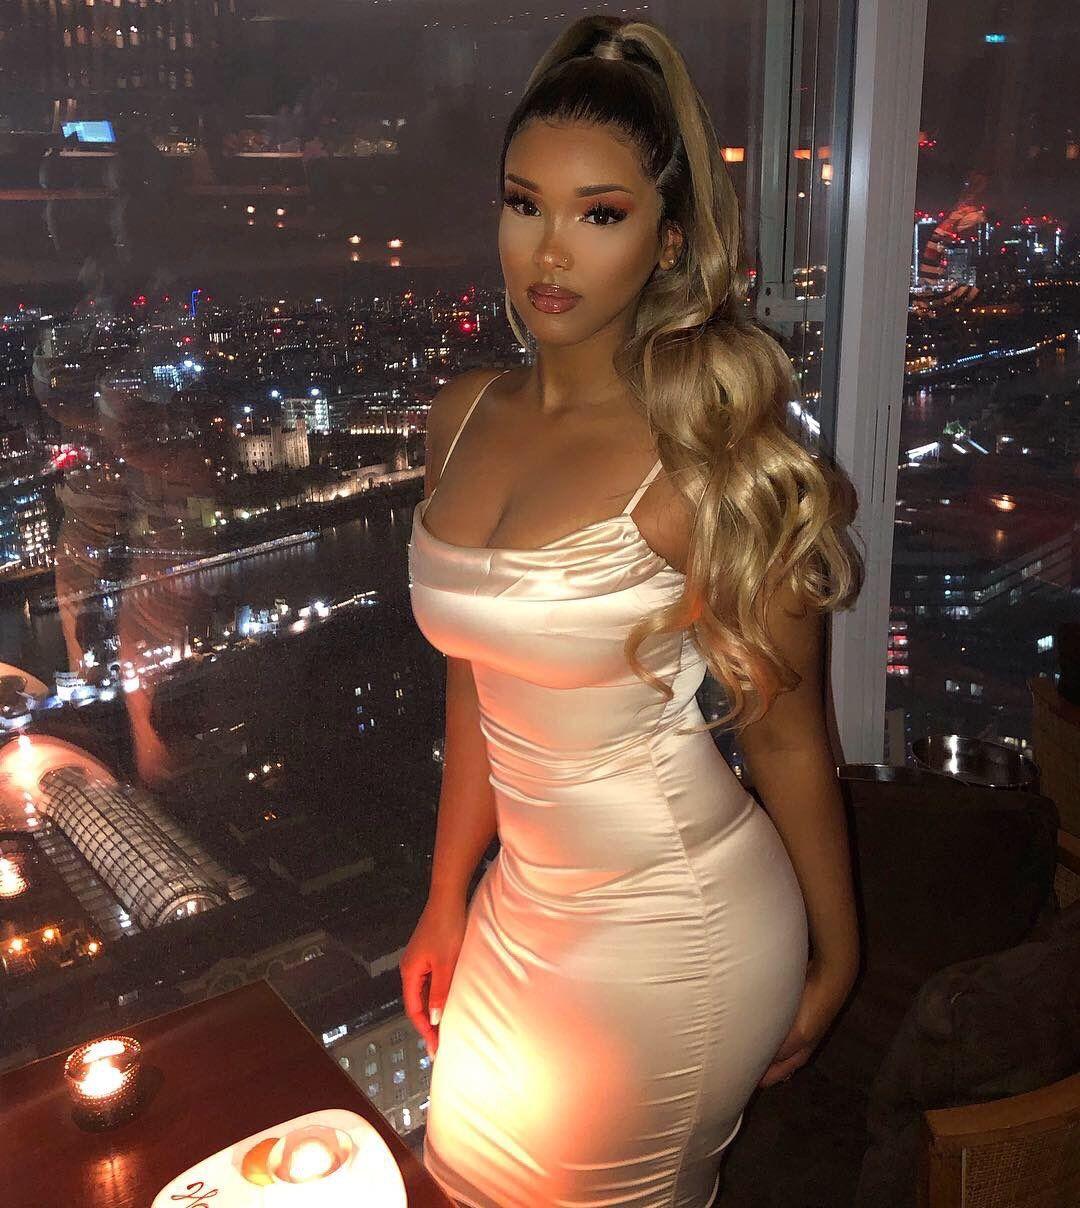 kaunis seksikäs alasti mustat naiset